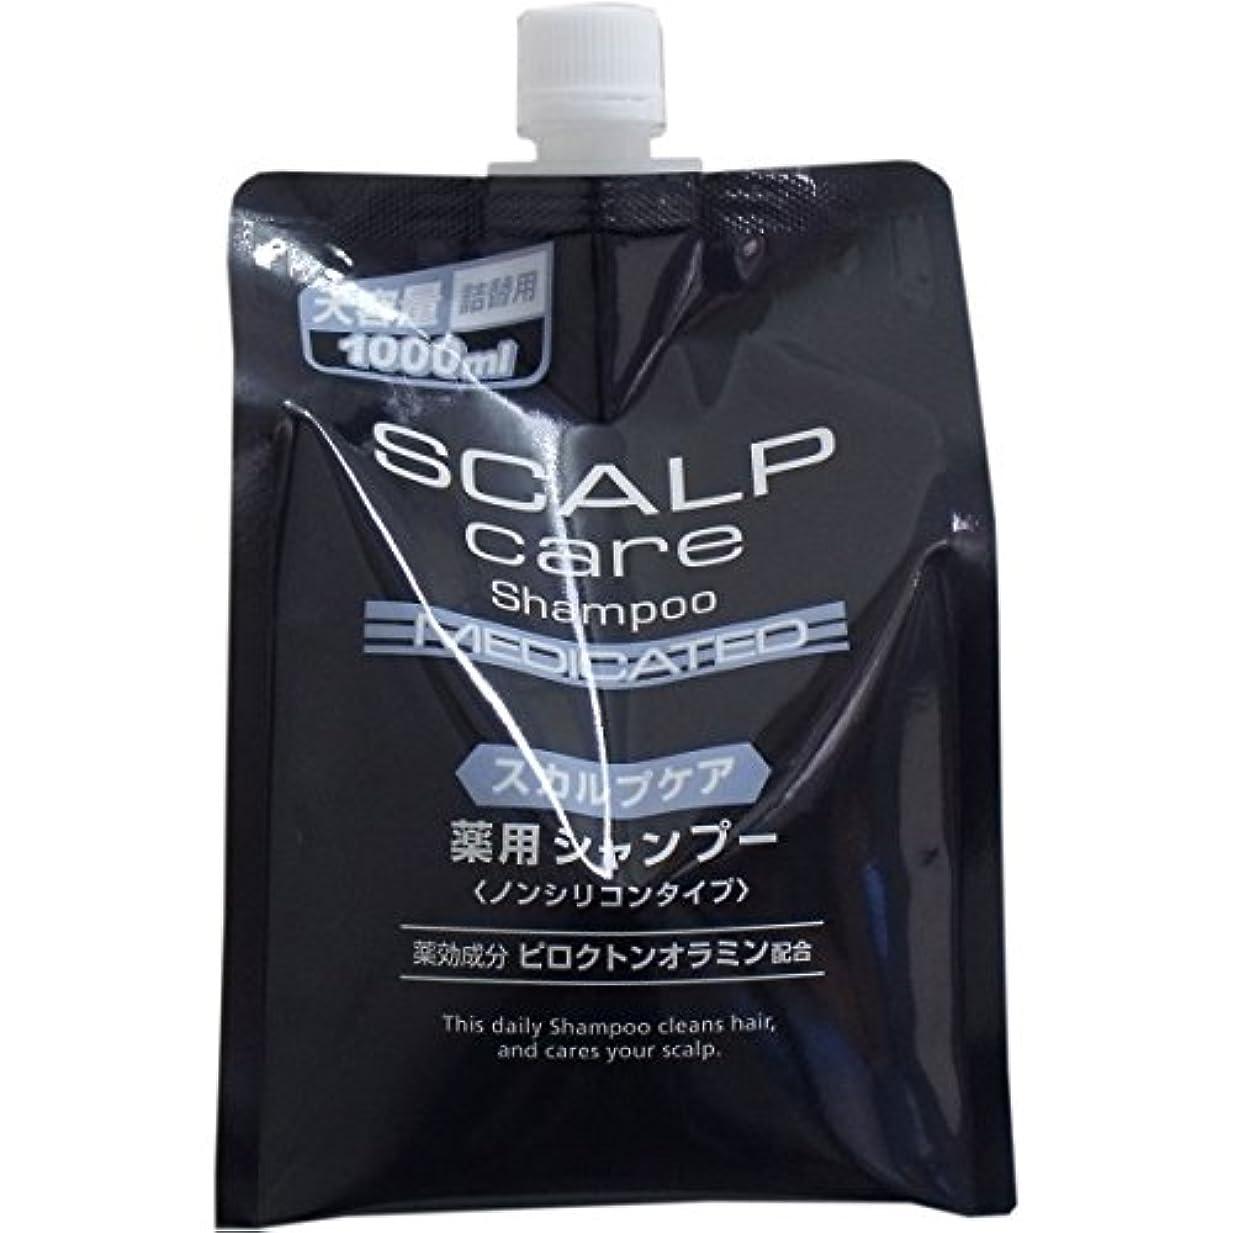 疑い残基デンプシーピース薬品 スカルプシャンプー 大容量詰替用 1000ml